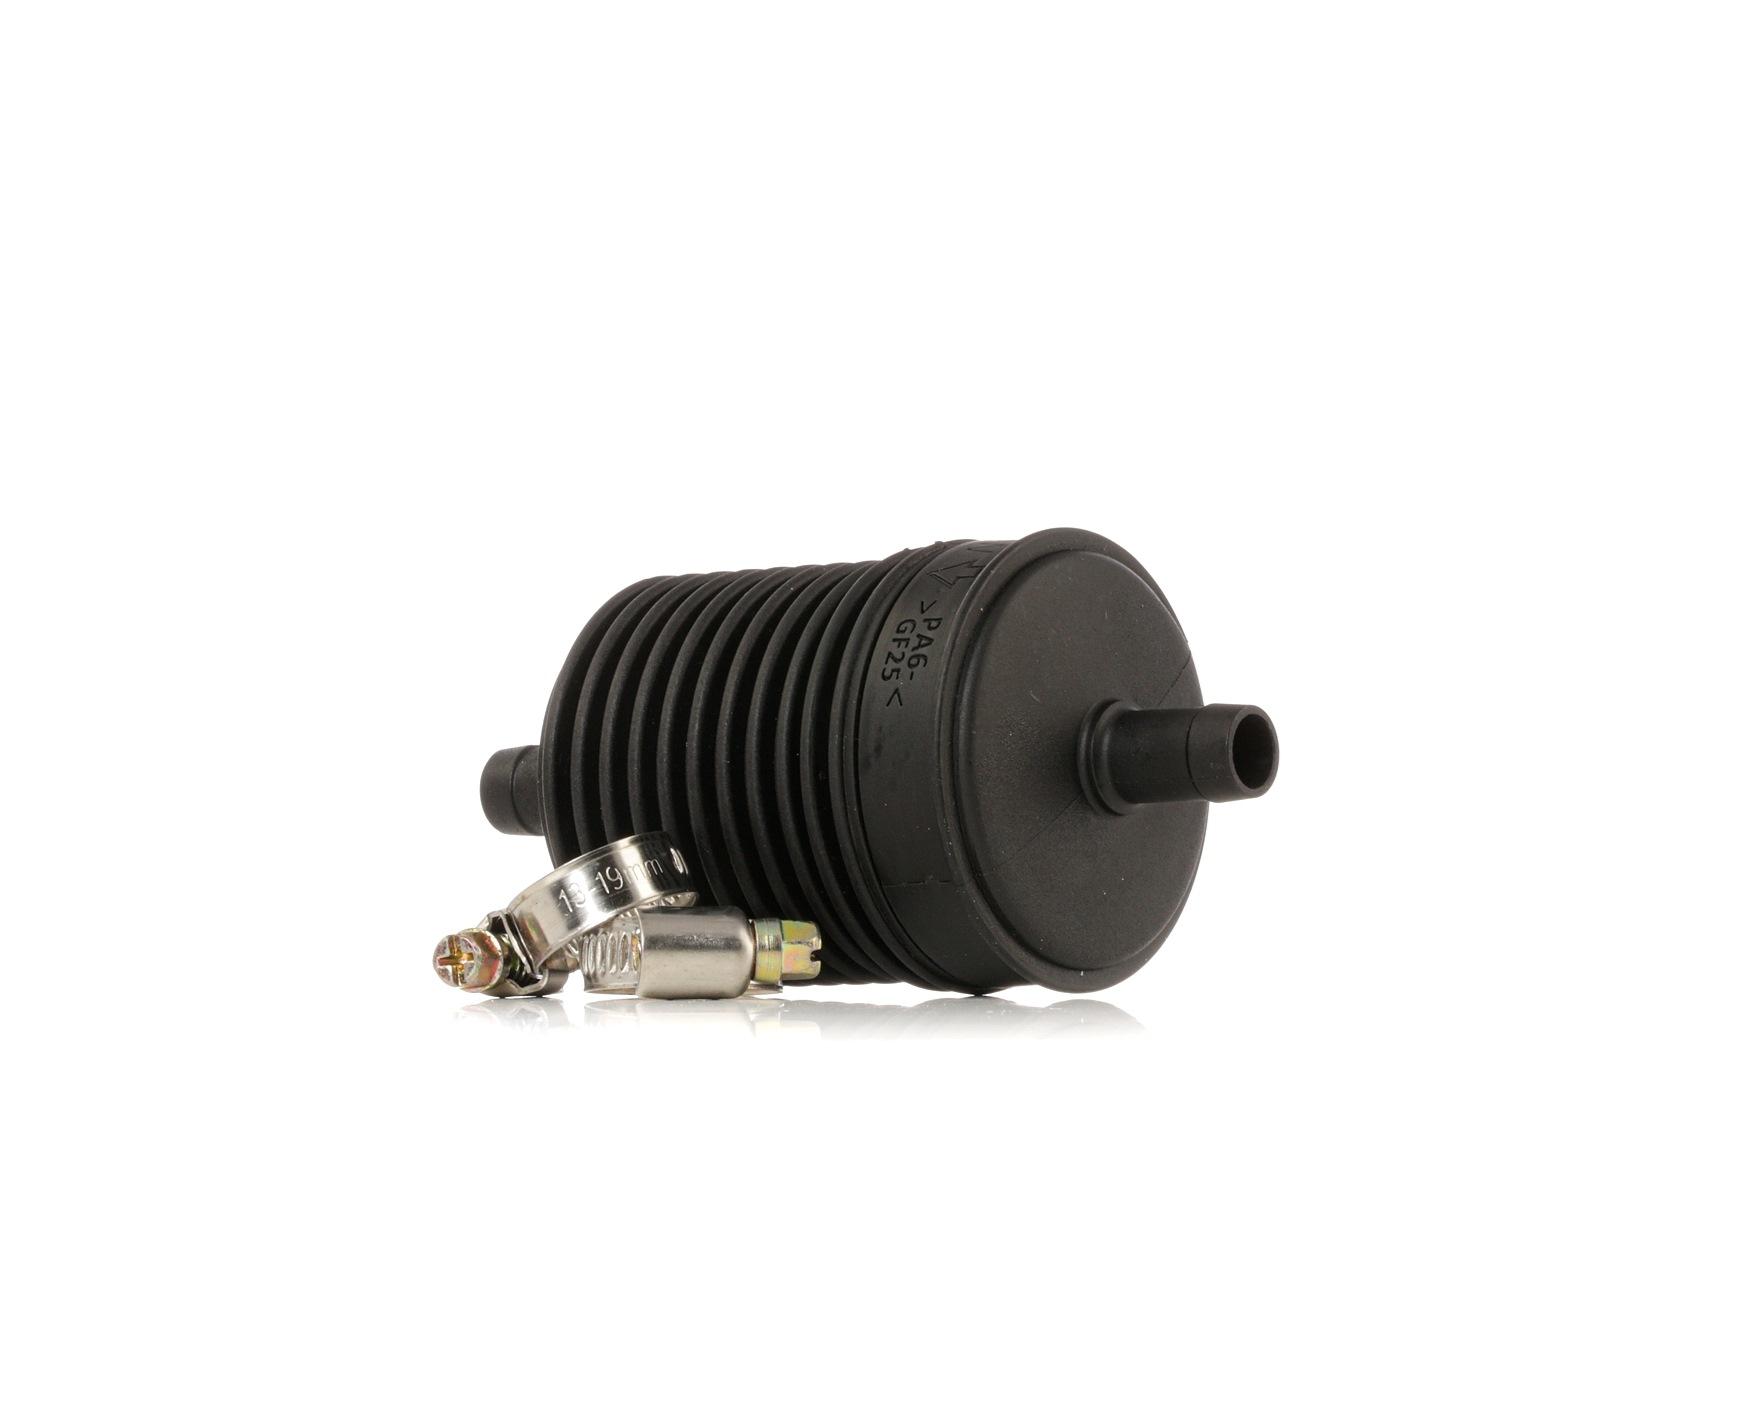 Achetez Filtre RIDEX 417H0003 () à un rapport qualité-prix exceptionnel